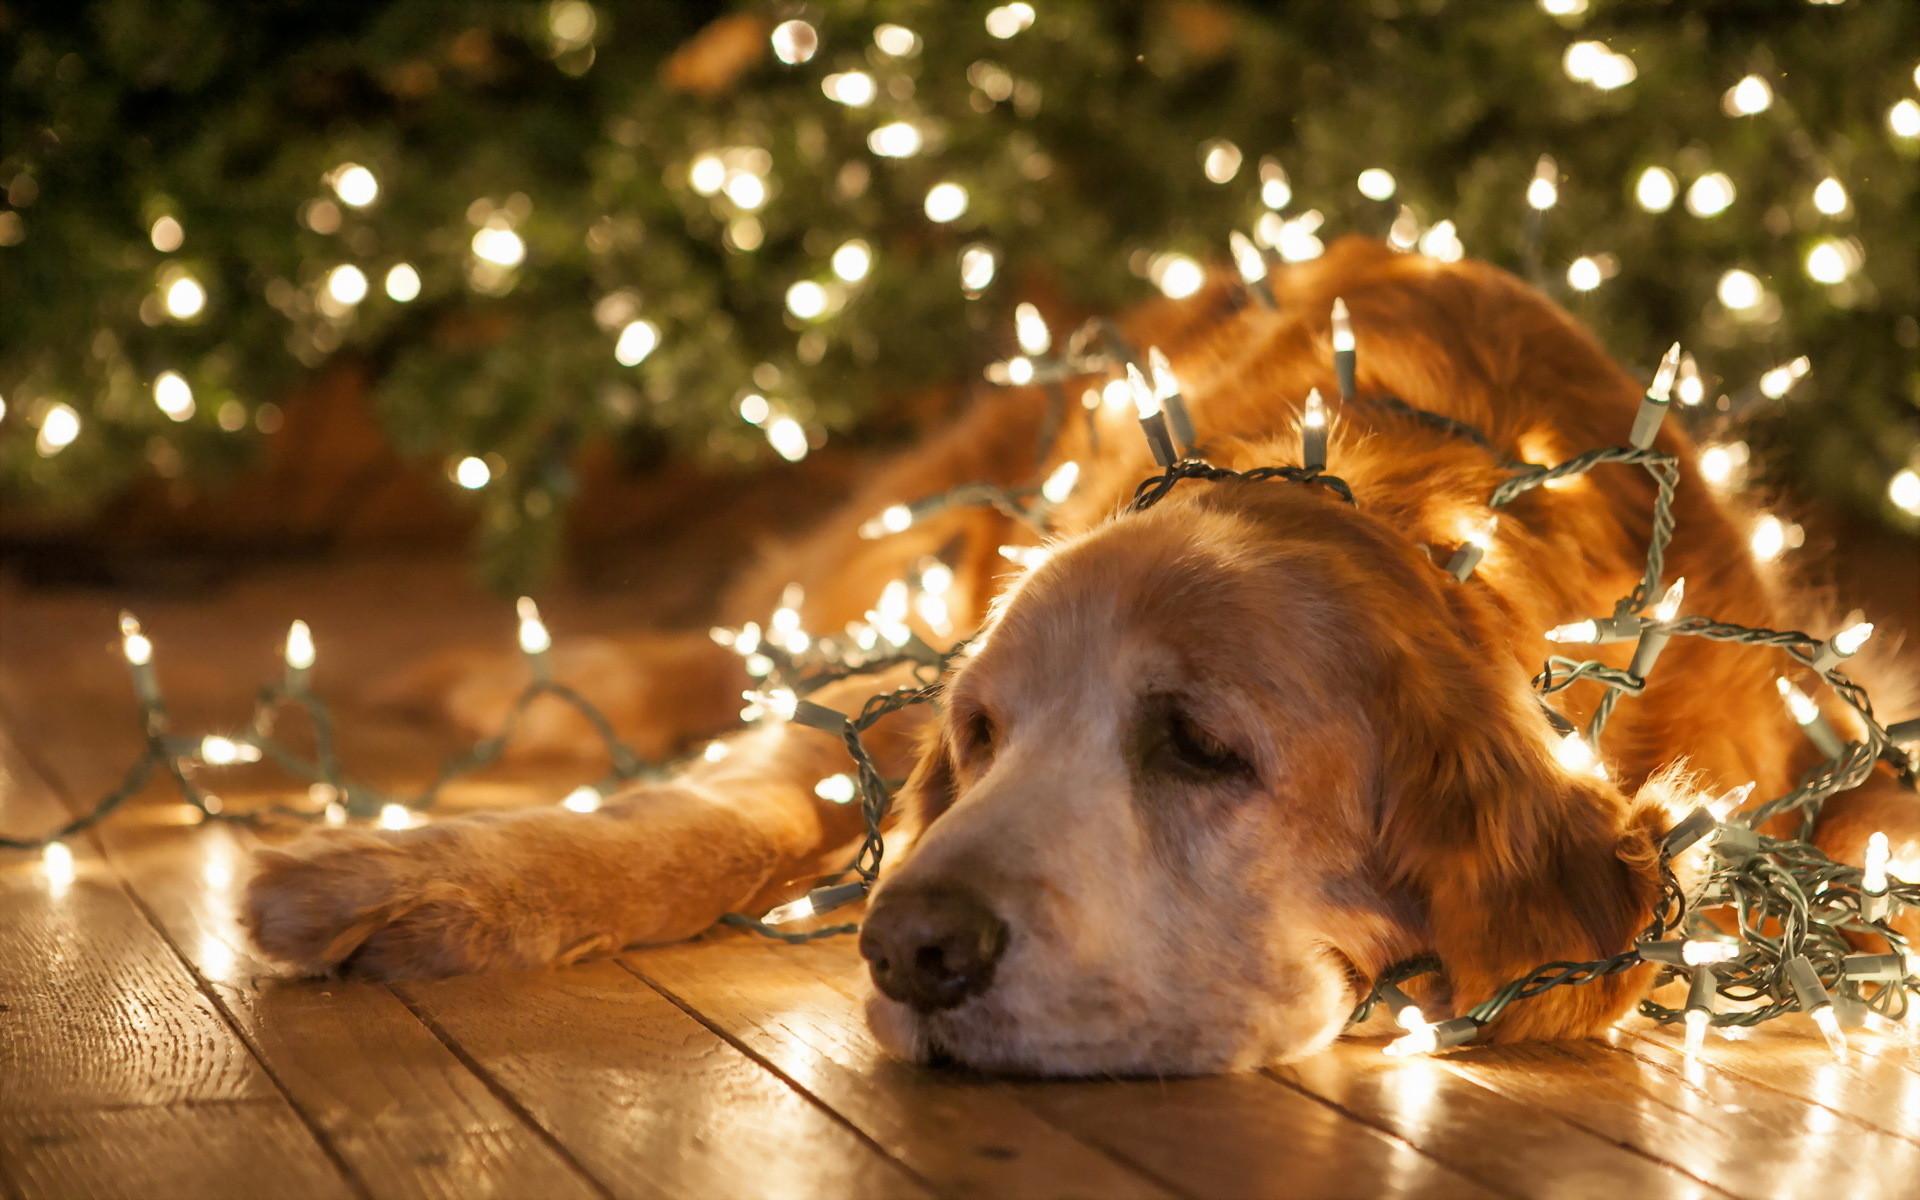 Funny Christmas Wallpaper.Christmas Animal Wallpaper 67 Images